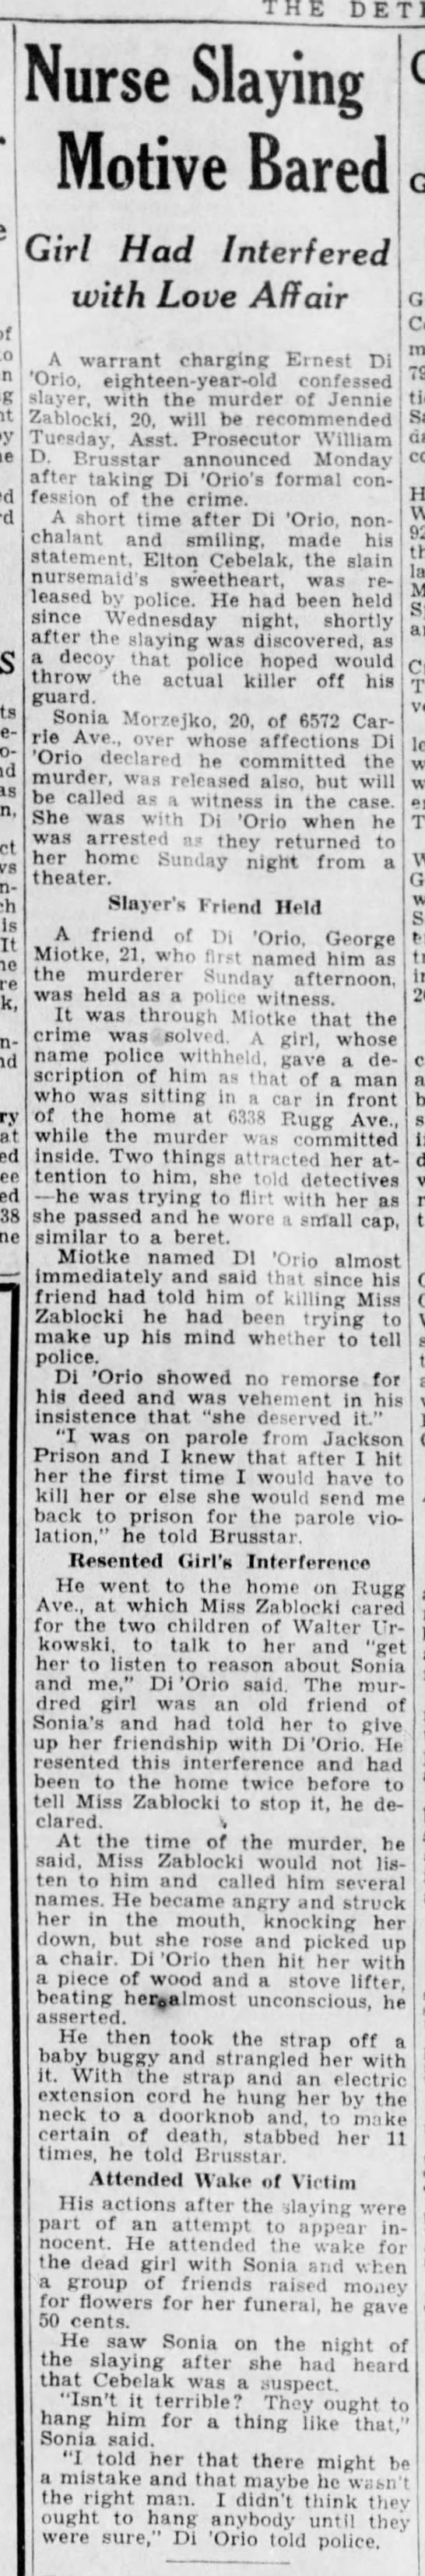 Detroit Free Press 12/12/1933